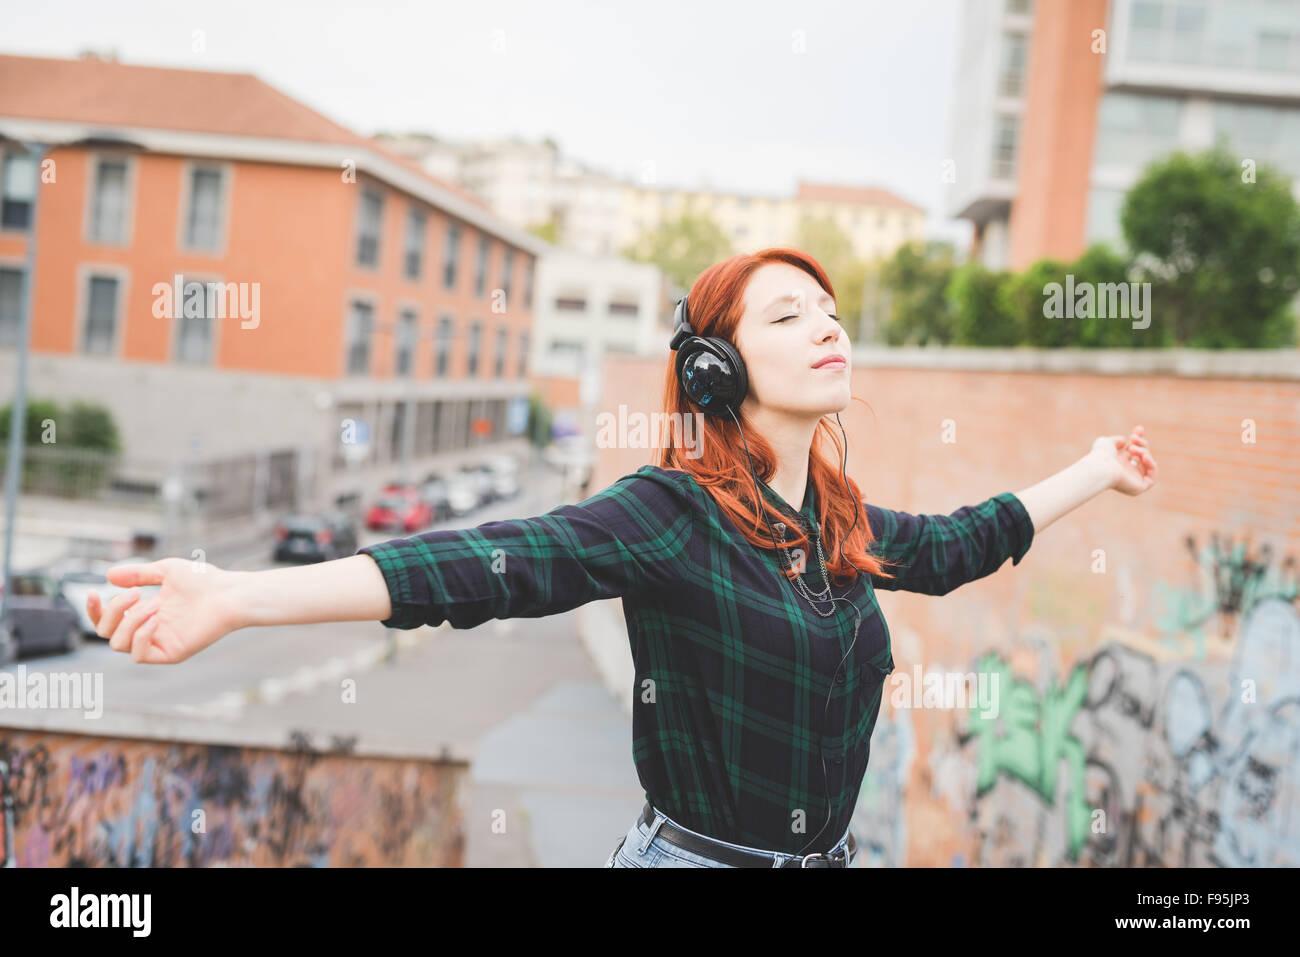 Longitud media de joven apuesto caucasian redhead pelo recto mujer escuchando música con auriculares, sintiéndose Imagen De Stock